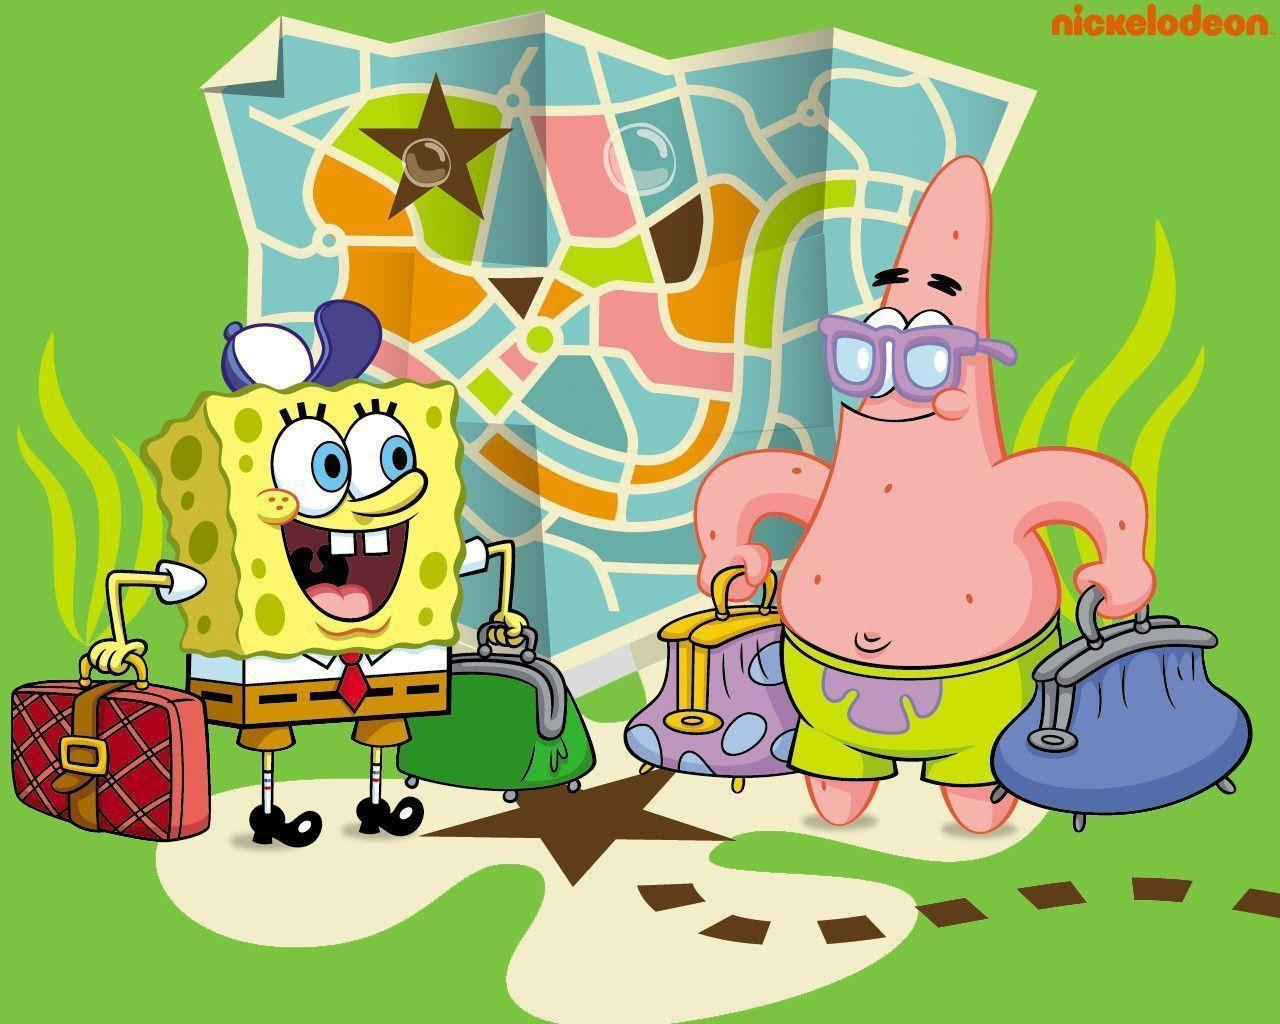 Spongebob Squarepants And Patrick Wallpapers - Wallpaper Cave